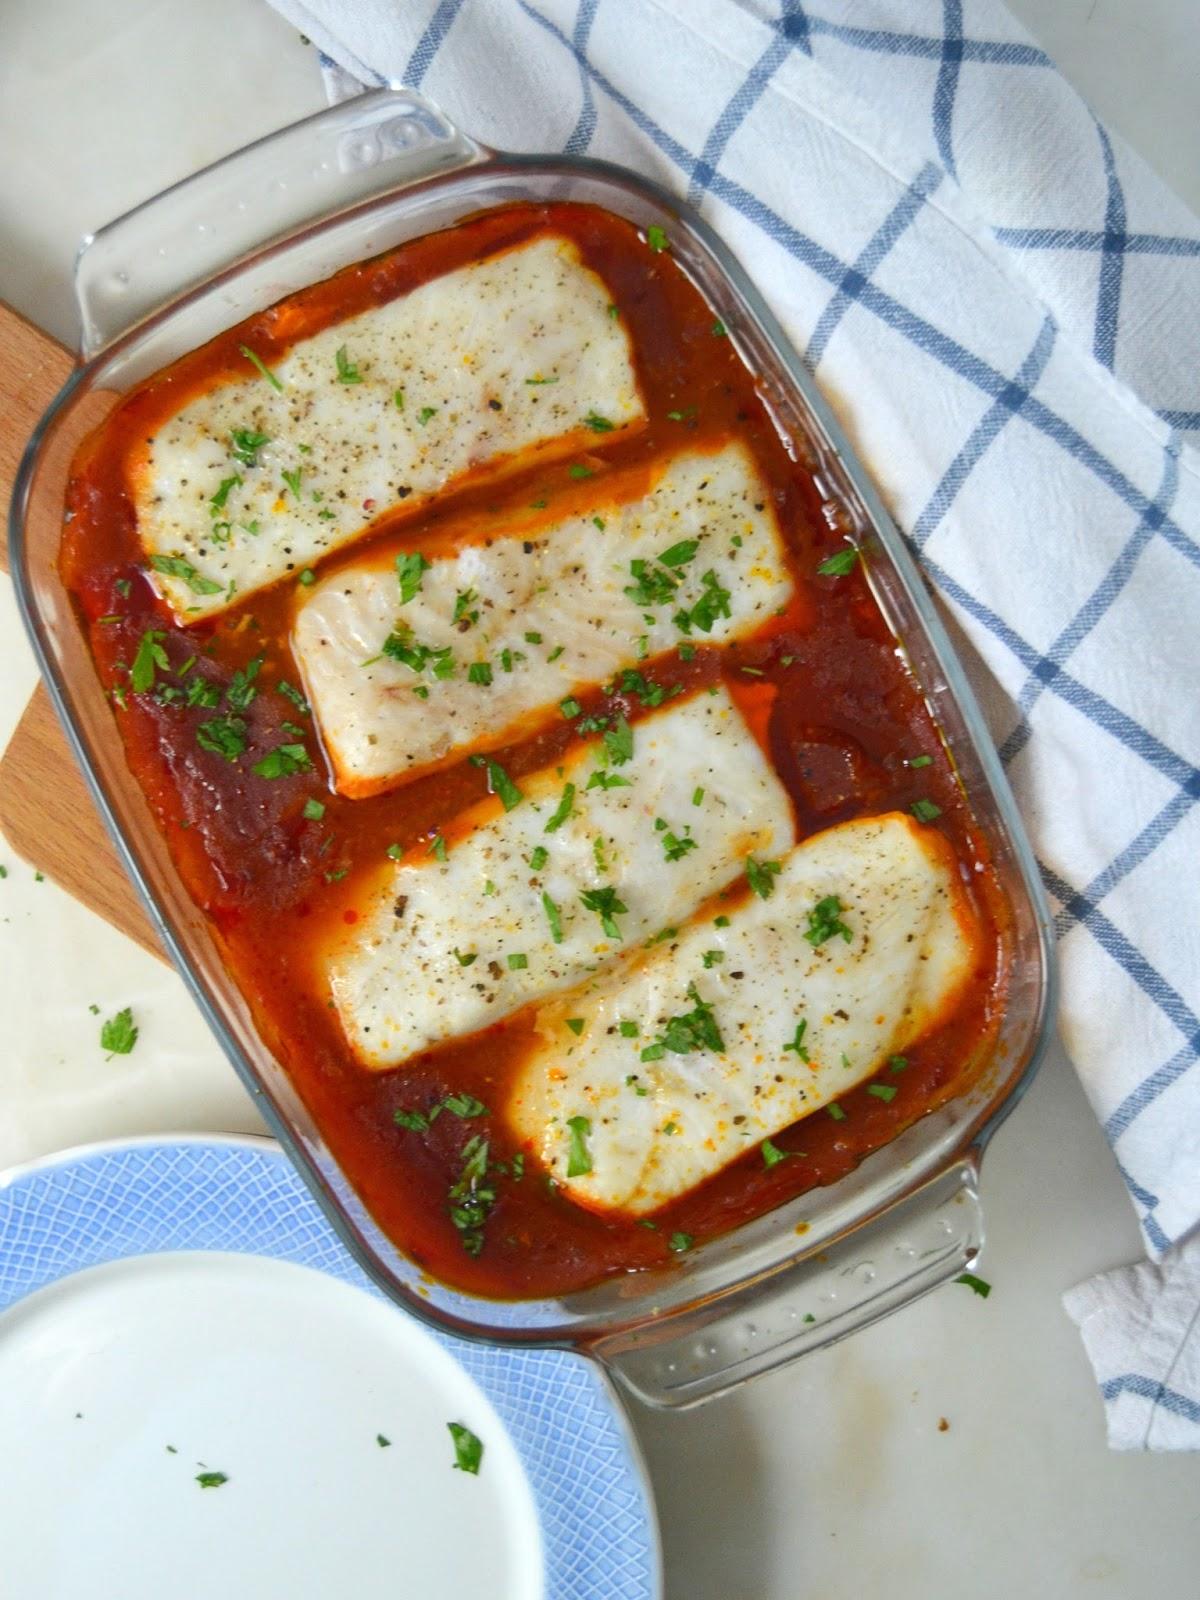 Recetas De Cocina Merluza | Merluza Con Tomate Al Horno Facil Sana Y Deliciosa Cuuking